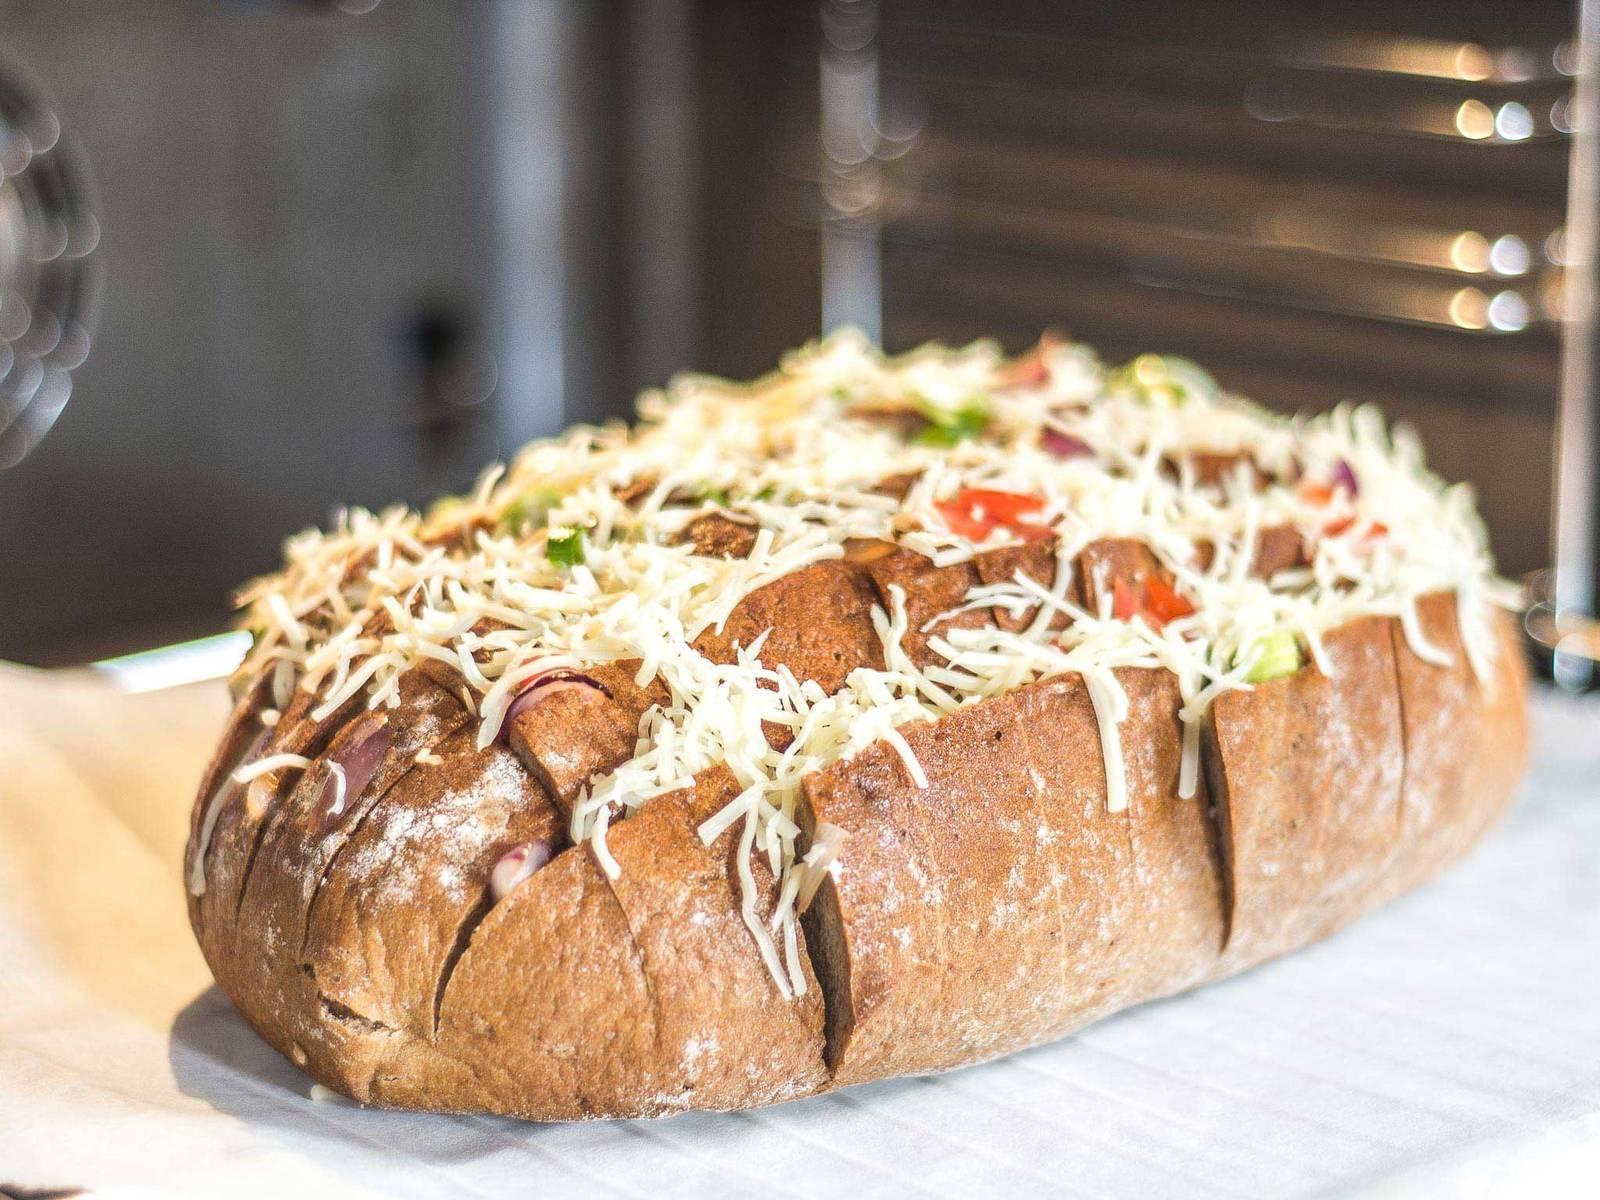 将面包放在铺有烘焙纸的烤盘上,然后放入预热至160摄氏度的烤箱内,烤约15分钟至金黄色,佐以蘸酱享用。